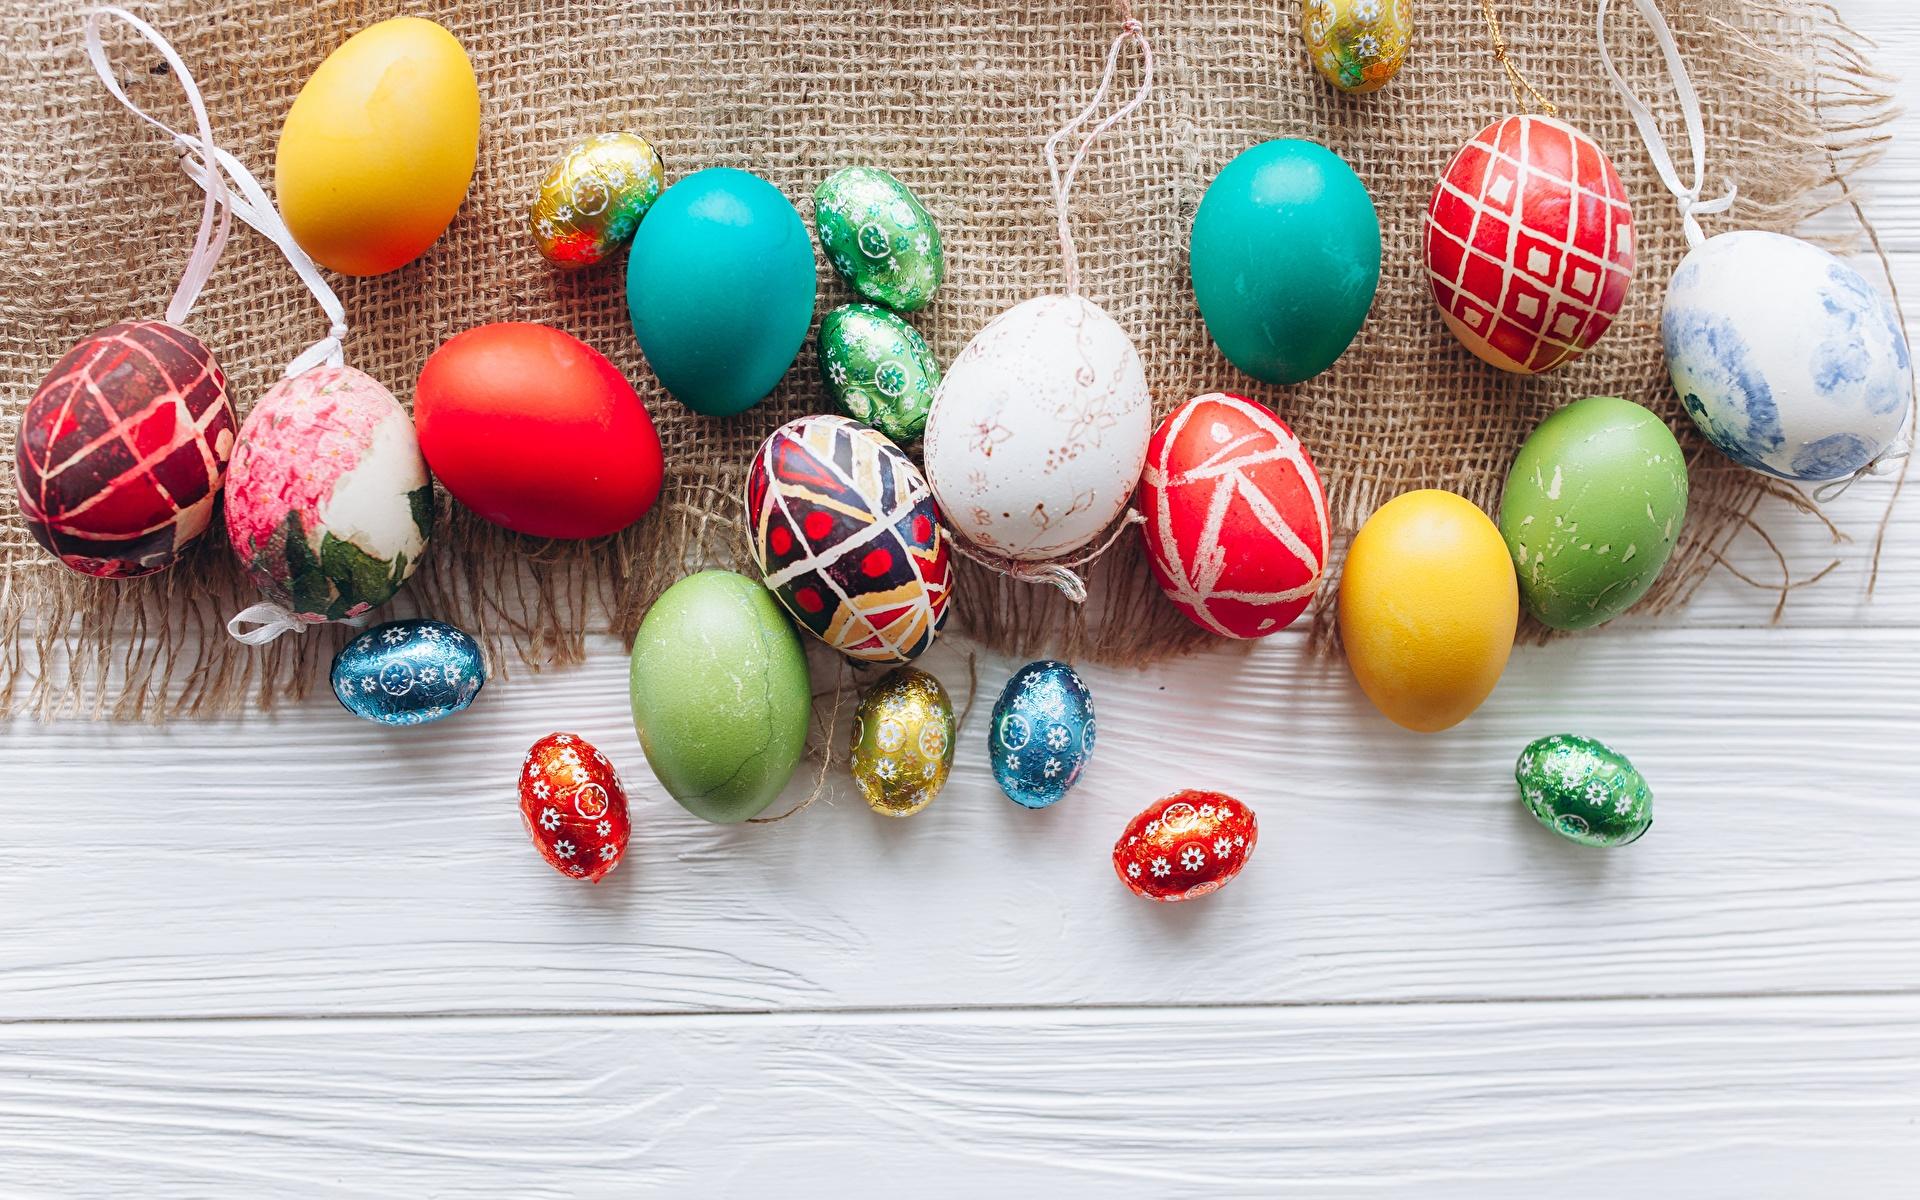 Фотография Пасха Разноцветные яйцо 1920x1200 яиц Яйца яйцами